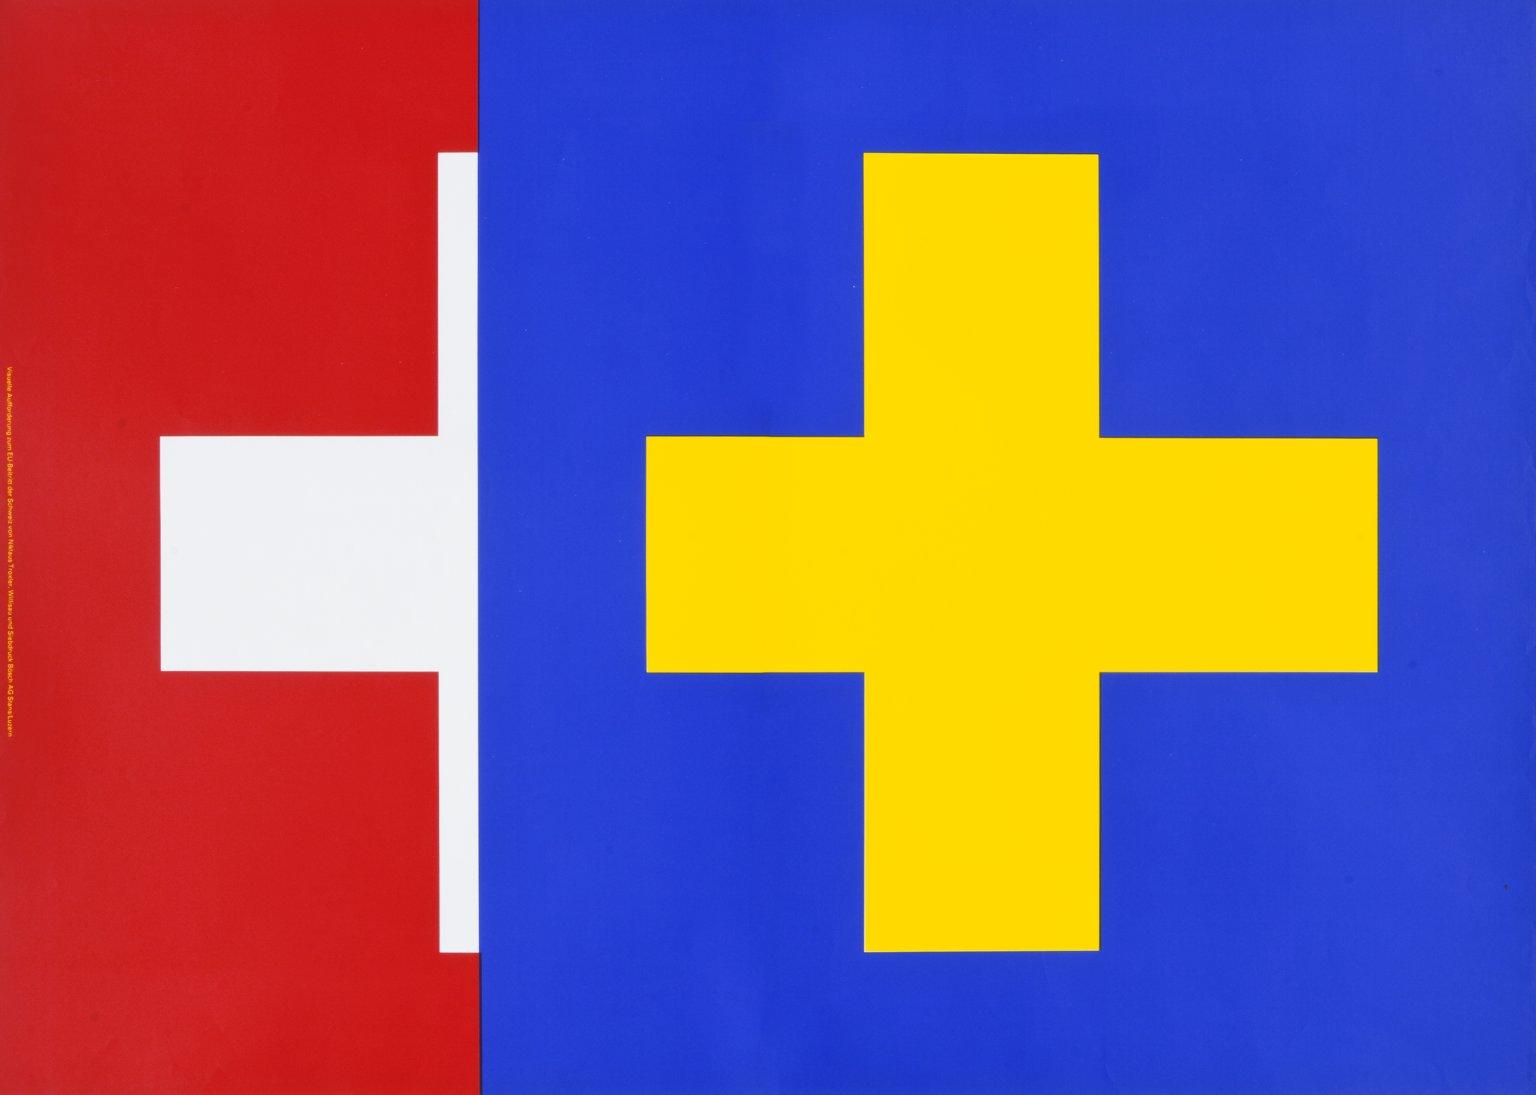 Visuelle Aufforderung zum EU-Beitritt der Schweiz